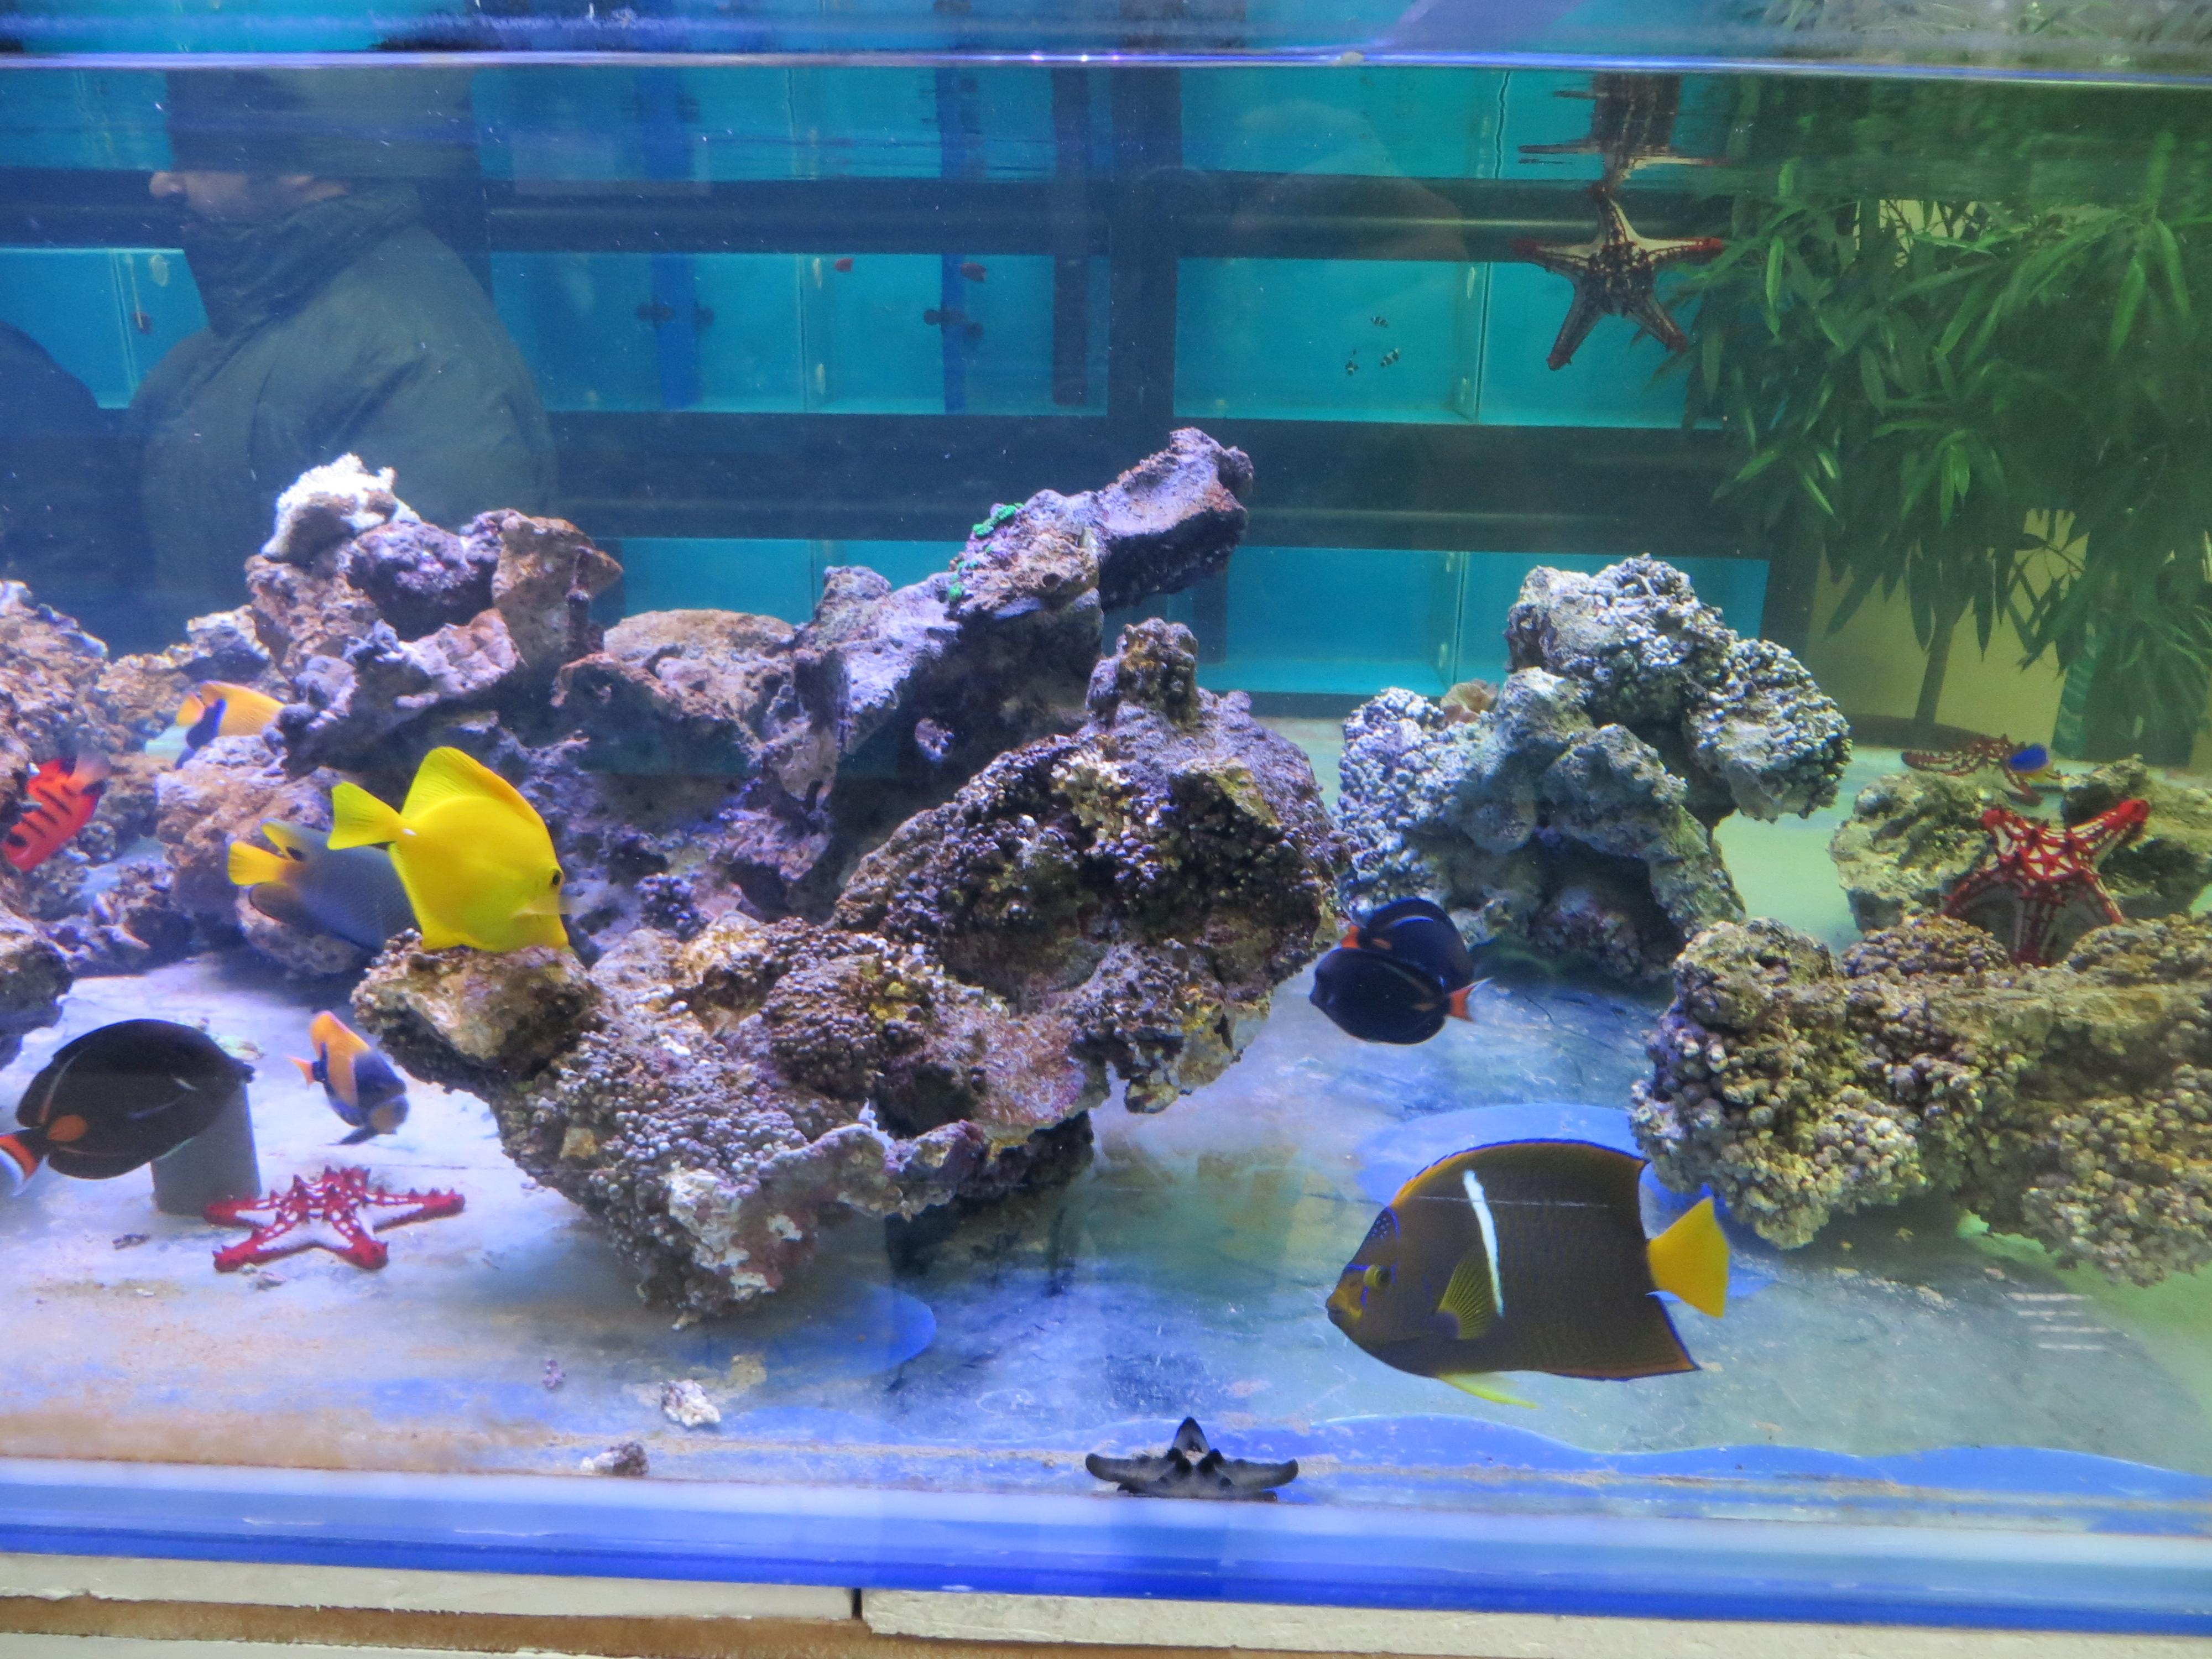 Aquarium buy iran aquarium orphek for Order aquarium fish online